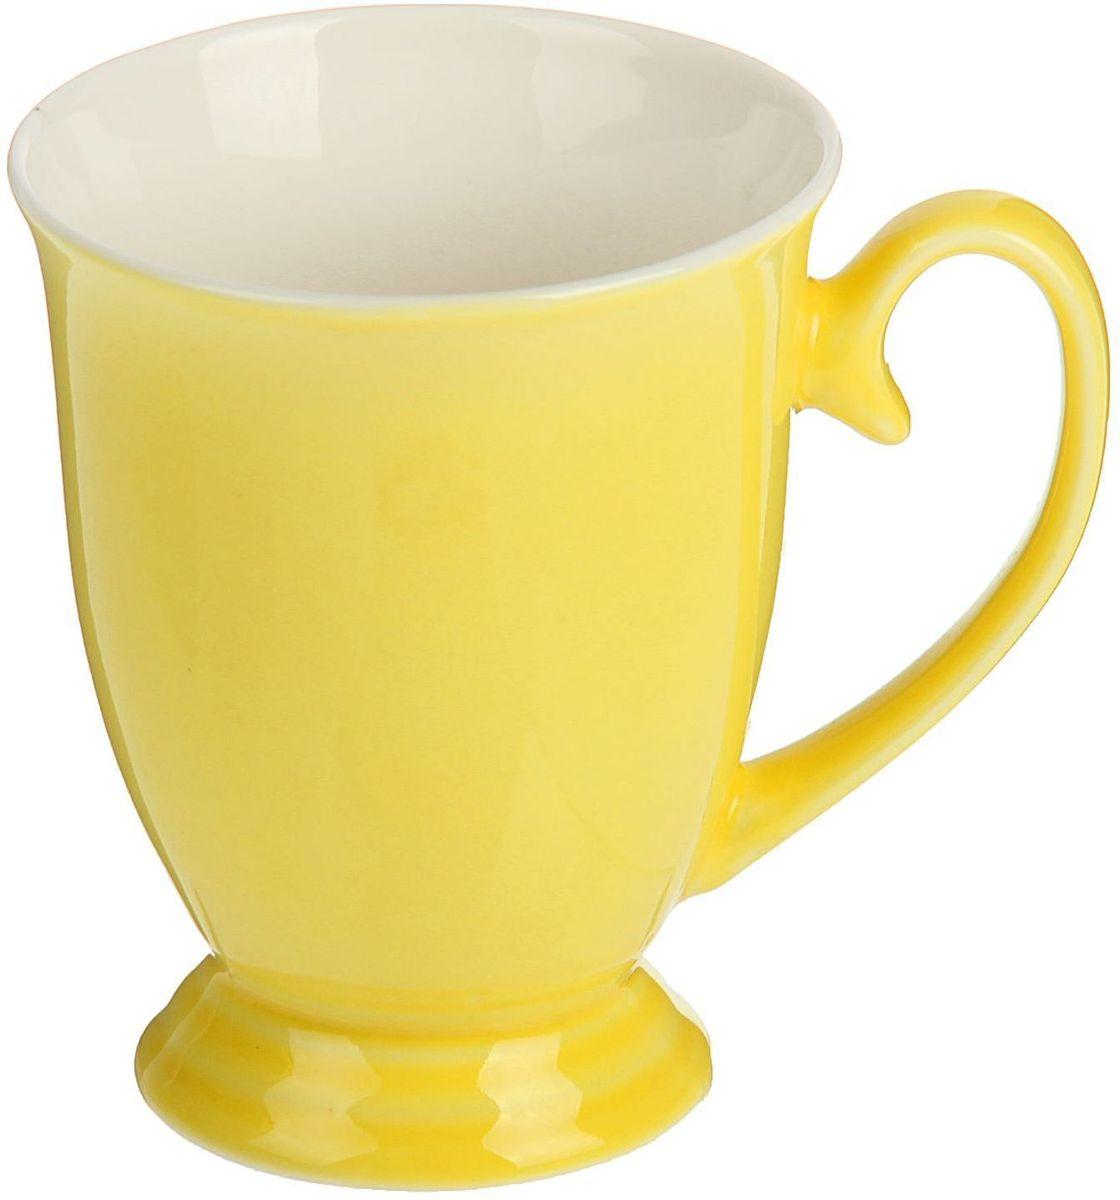 Кружка Доляна Венеция, цвет: желтый, 300 мл1625305Кружка Доляна Венеция изготовлена из керамики.Кружка станет отличным подарком для родных и близких. Это любимый аксессуар на долгие годы. Относитесь к изделию бережно, и оно будет дарить прекрасное настроение каждый день.